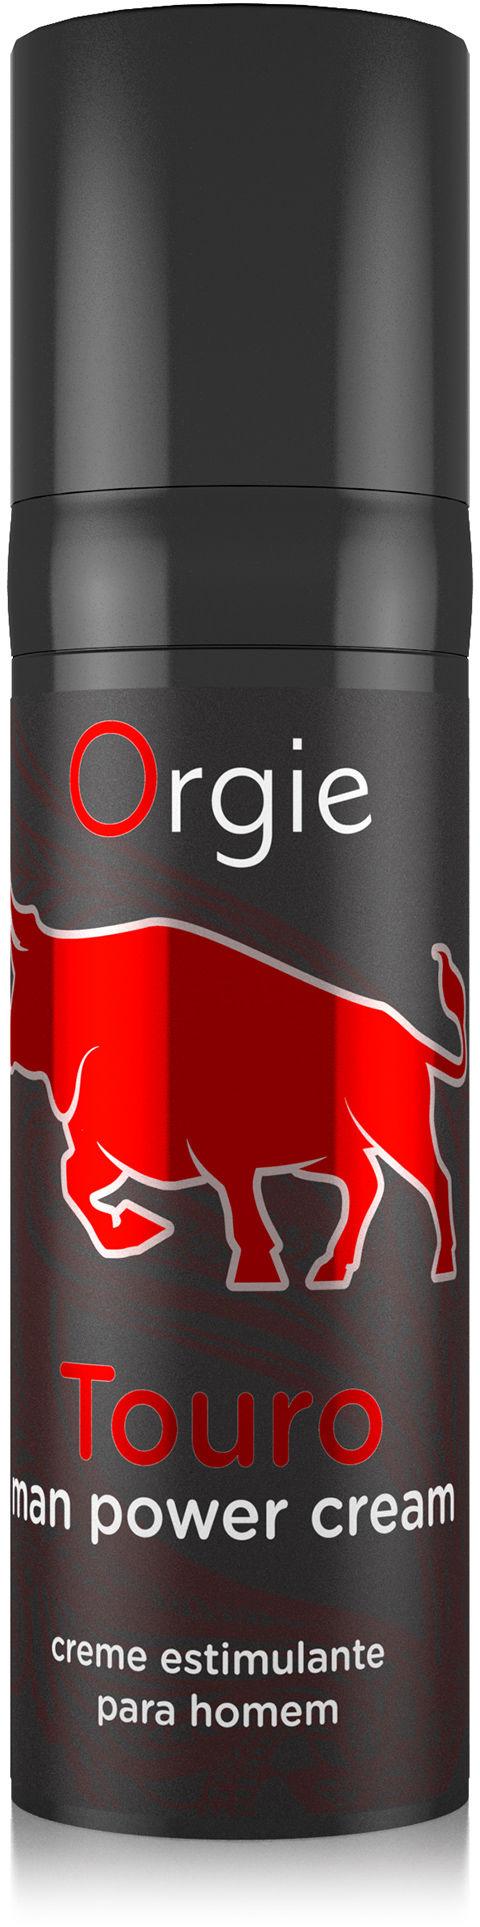 Orgie Touro Men Power Cream 15ml